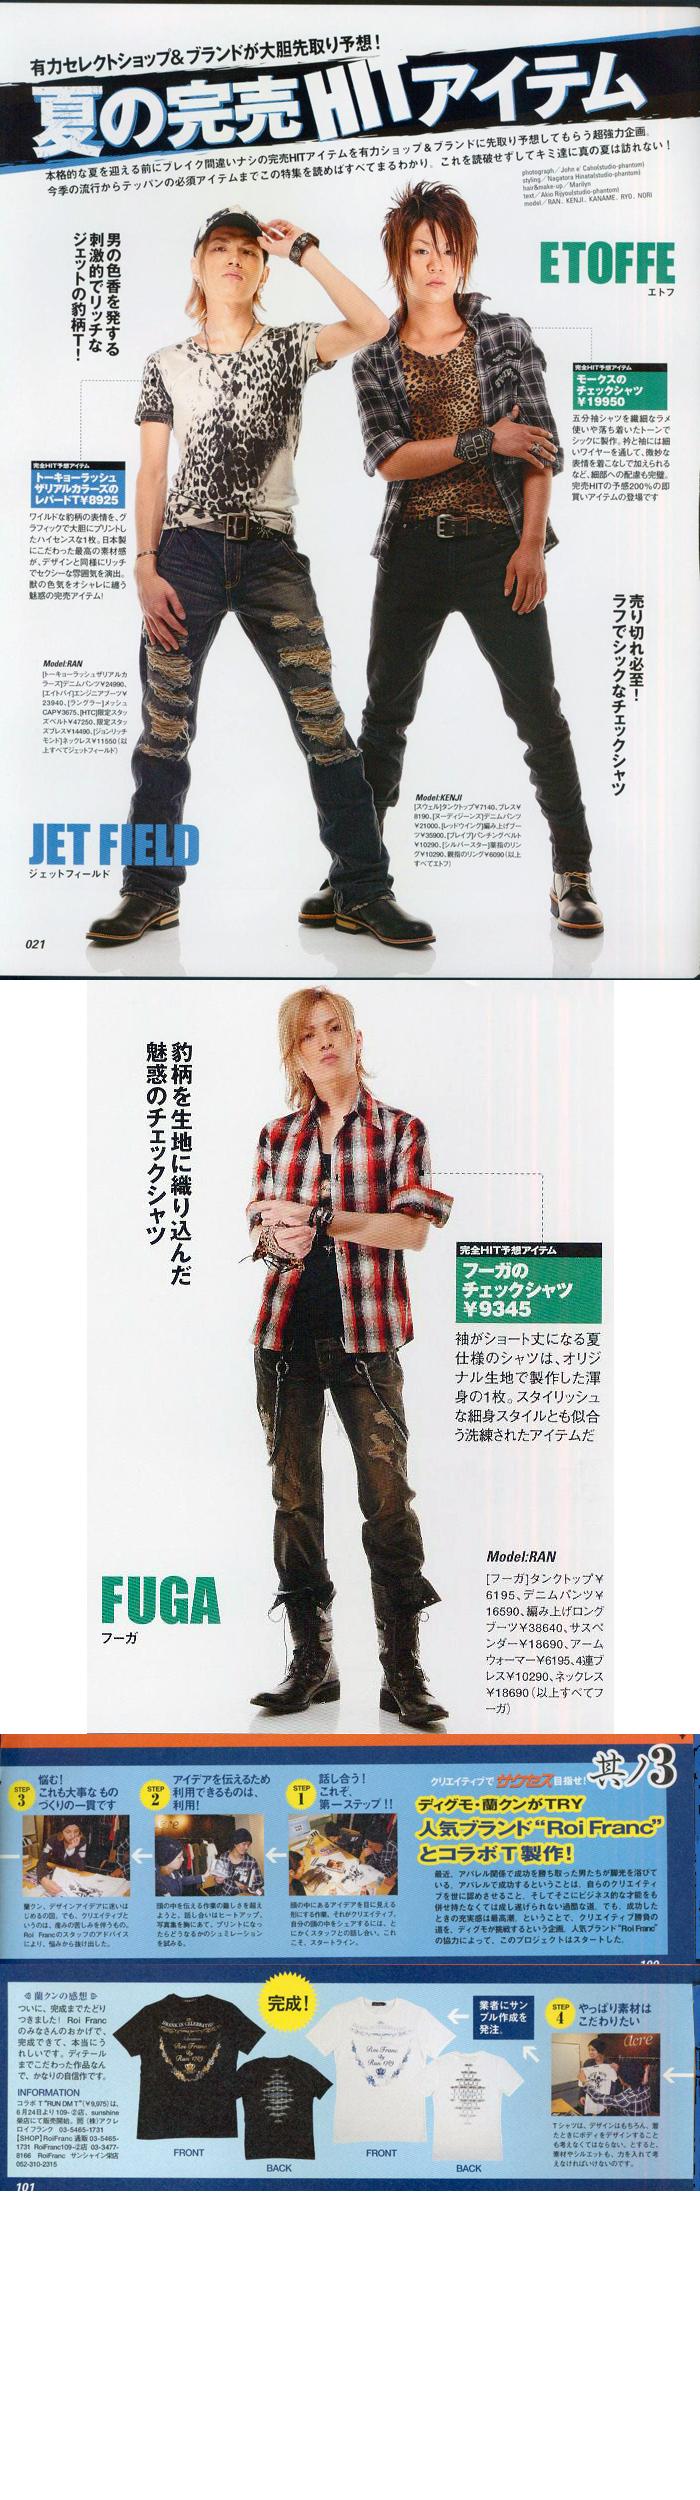 歌舞伎町のホストクラブ、AIRの一条蘭がモデルとして雑誌掲載です。